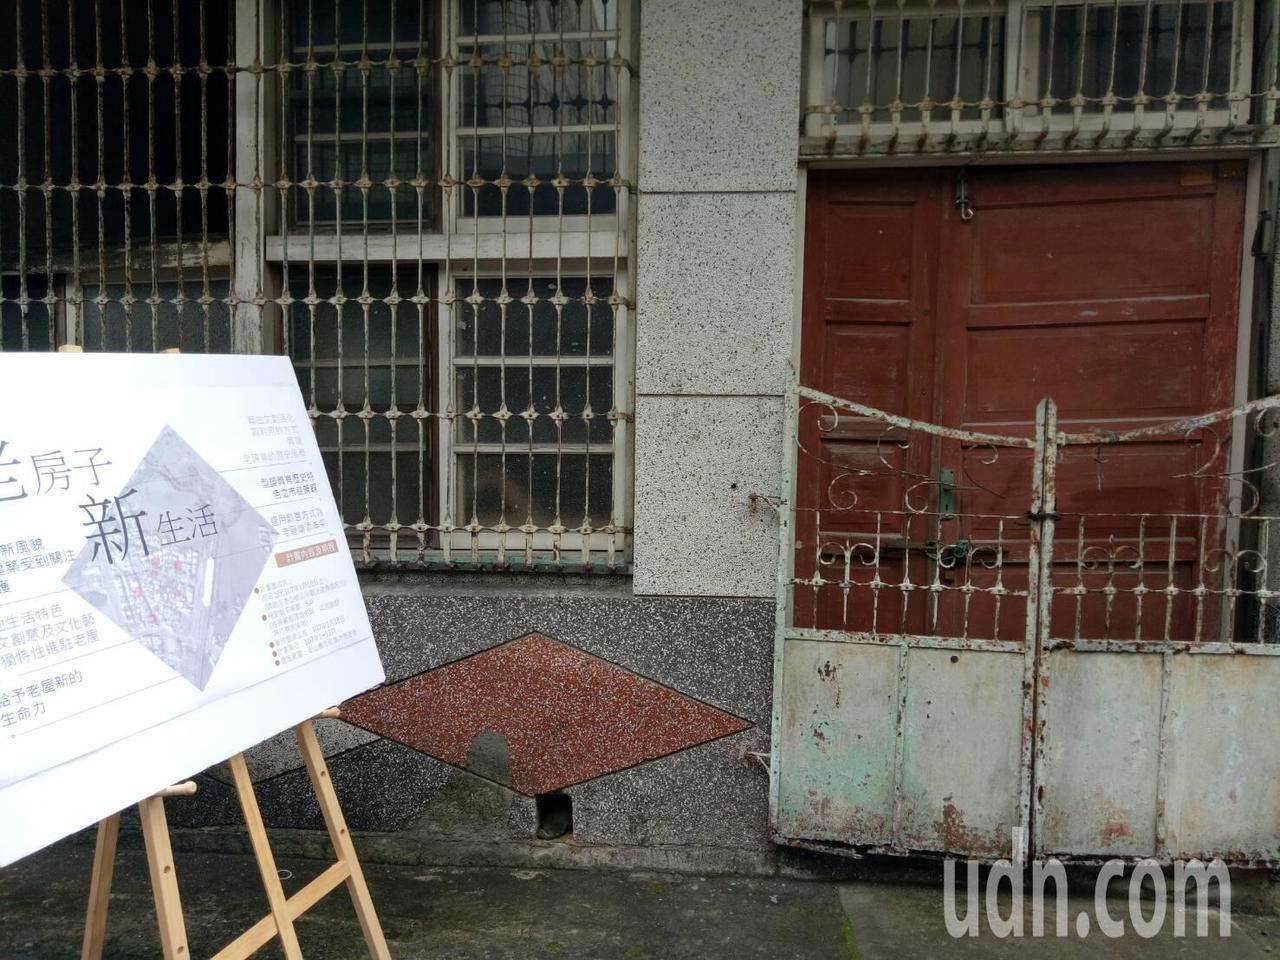 宜蘭縣冬山老街兩旁巷弄,隱藏許多懷舊復古的老房子。記者張芮瑜/攝影